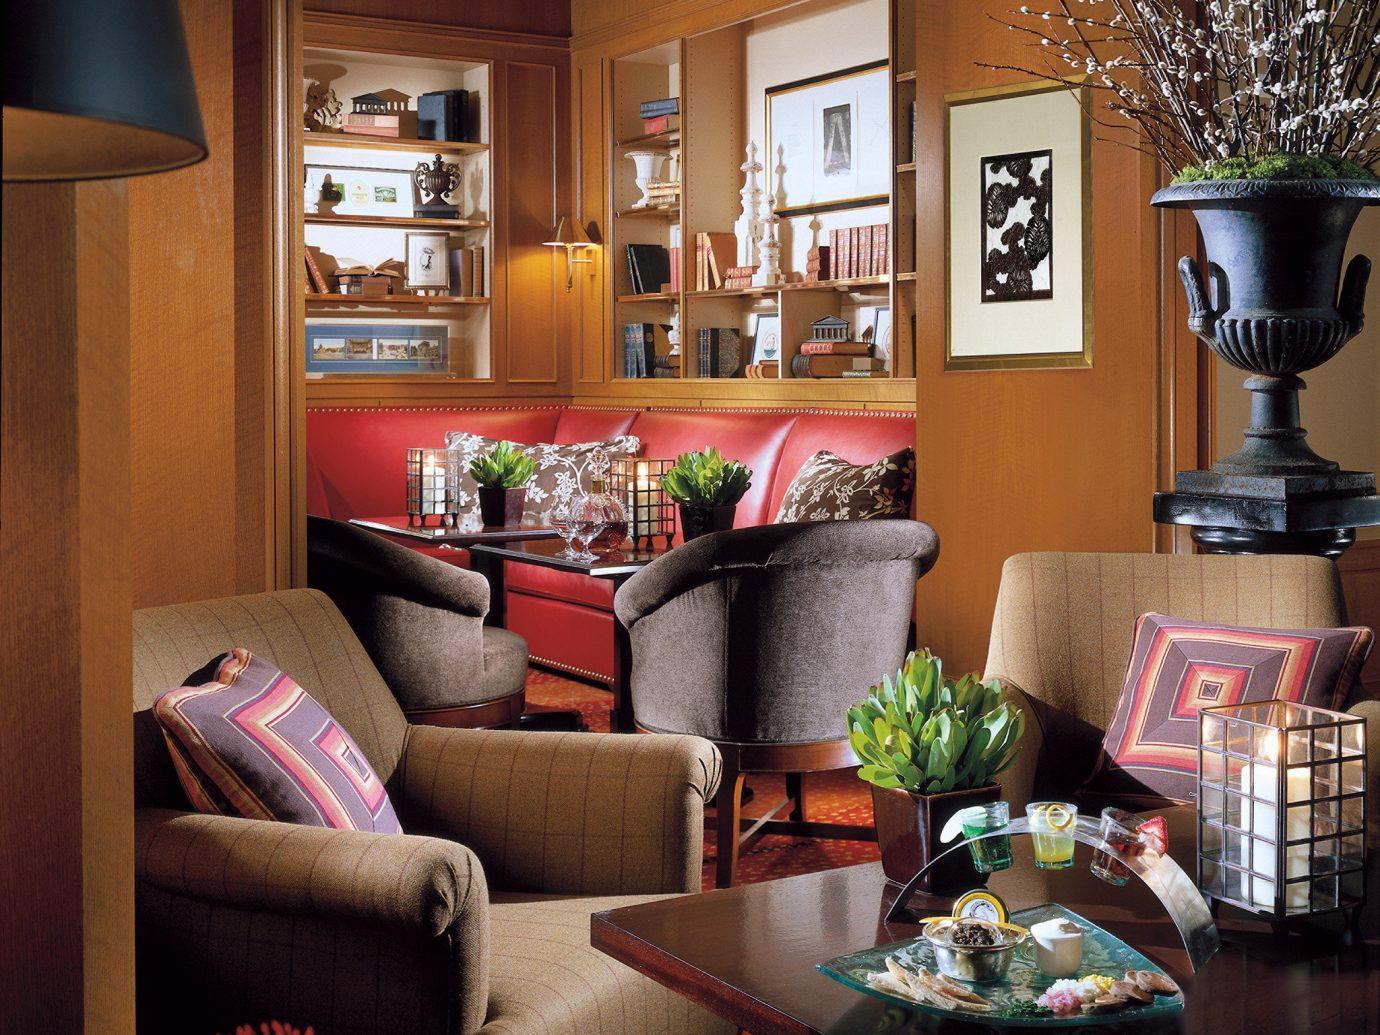 Elegant Hotels Living Lounge Luxury indoor room living room home property interior design estate furniture cottage real estate decorated